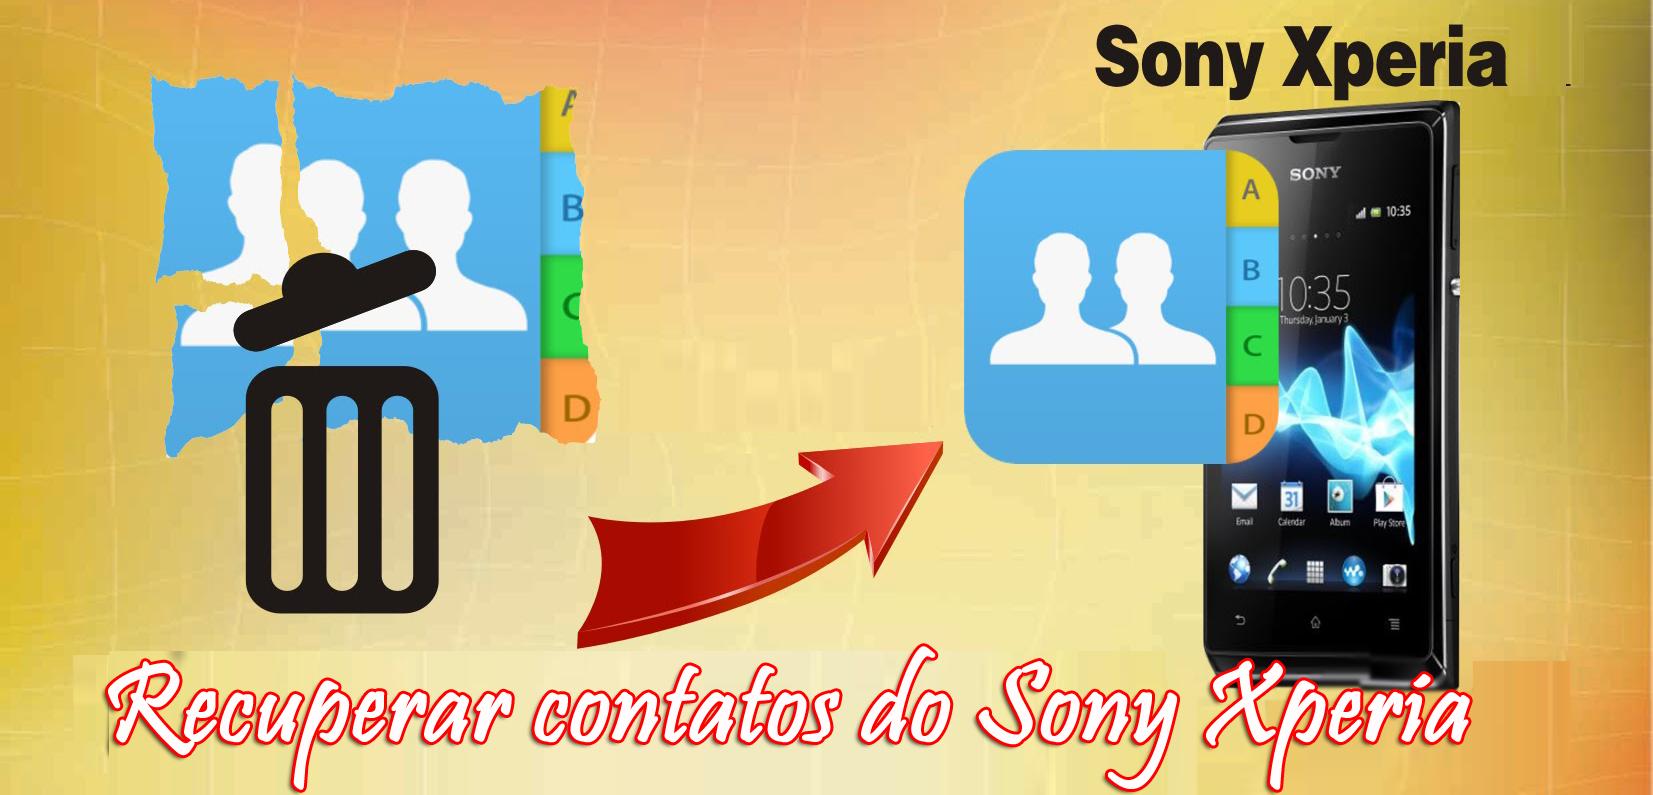 recuperar perdido / apagou contatos do Sony Xperia telefone